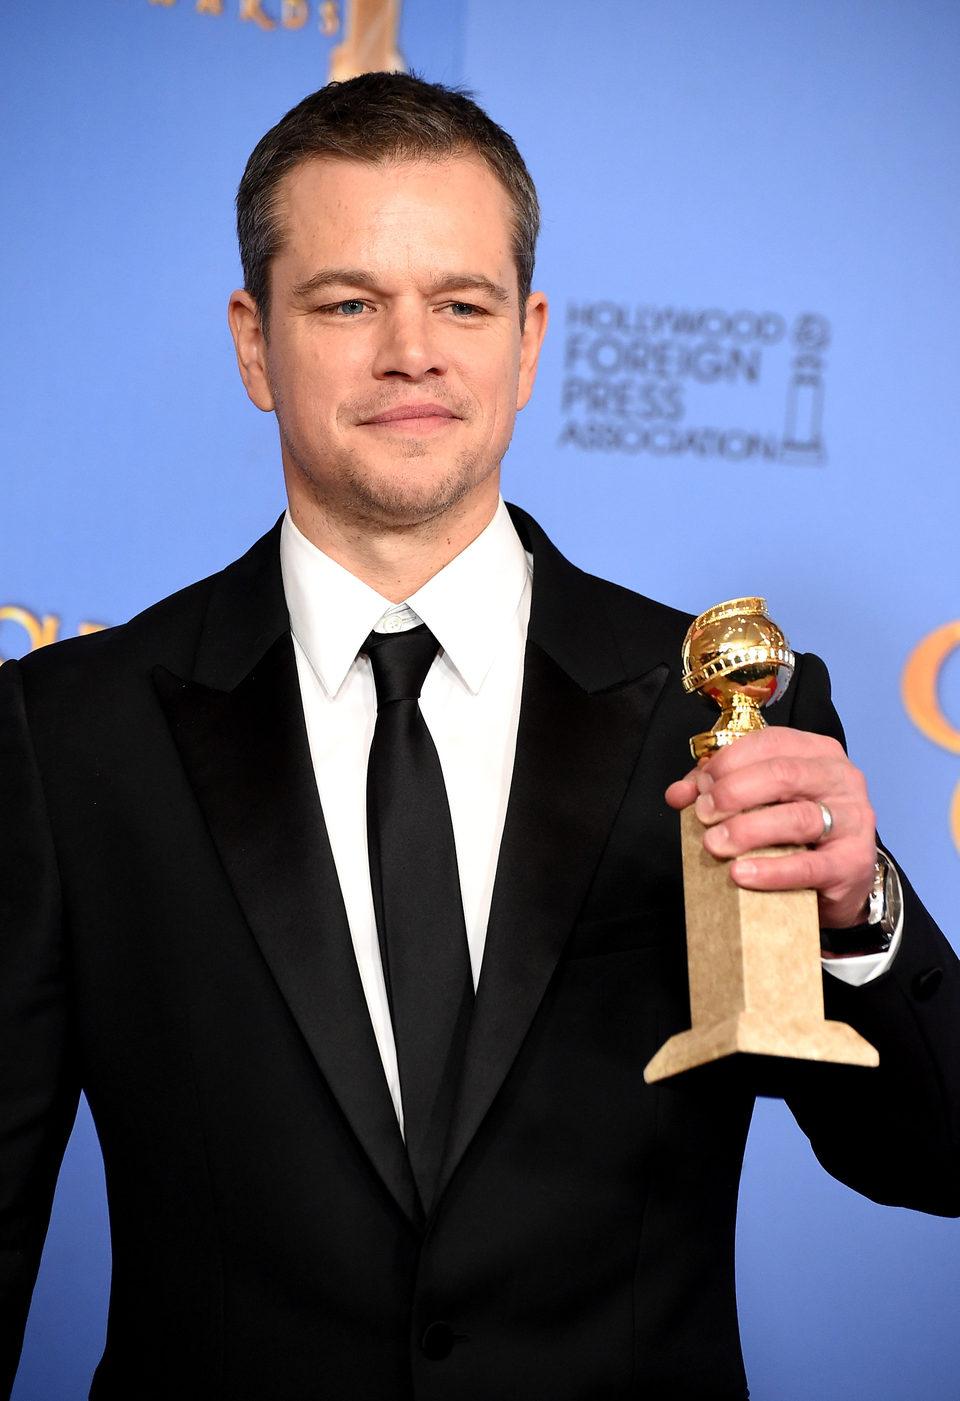 Matt Damon wins the Golden Globe for 'The Martian'